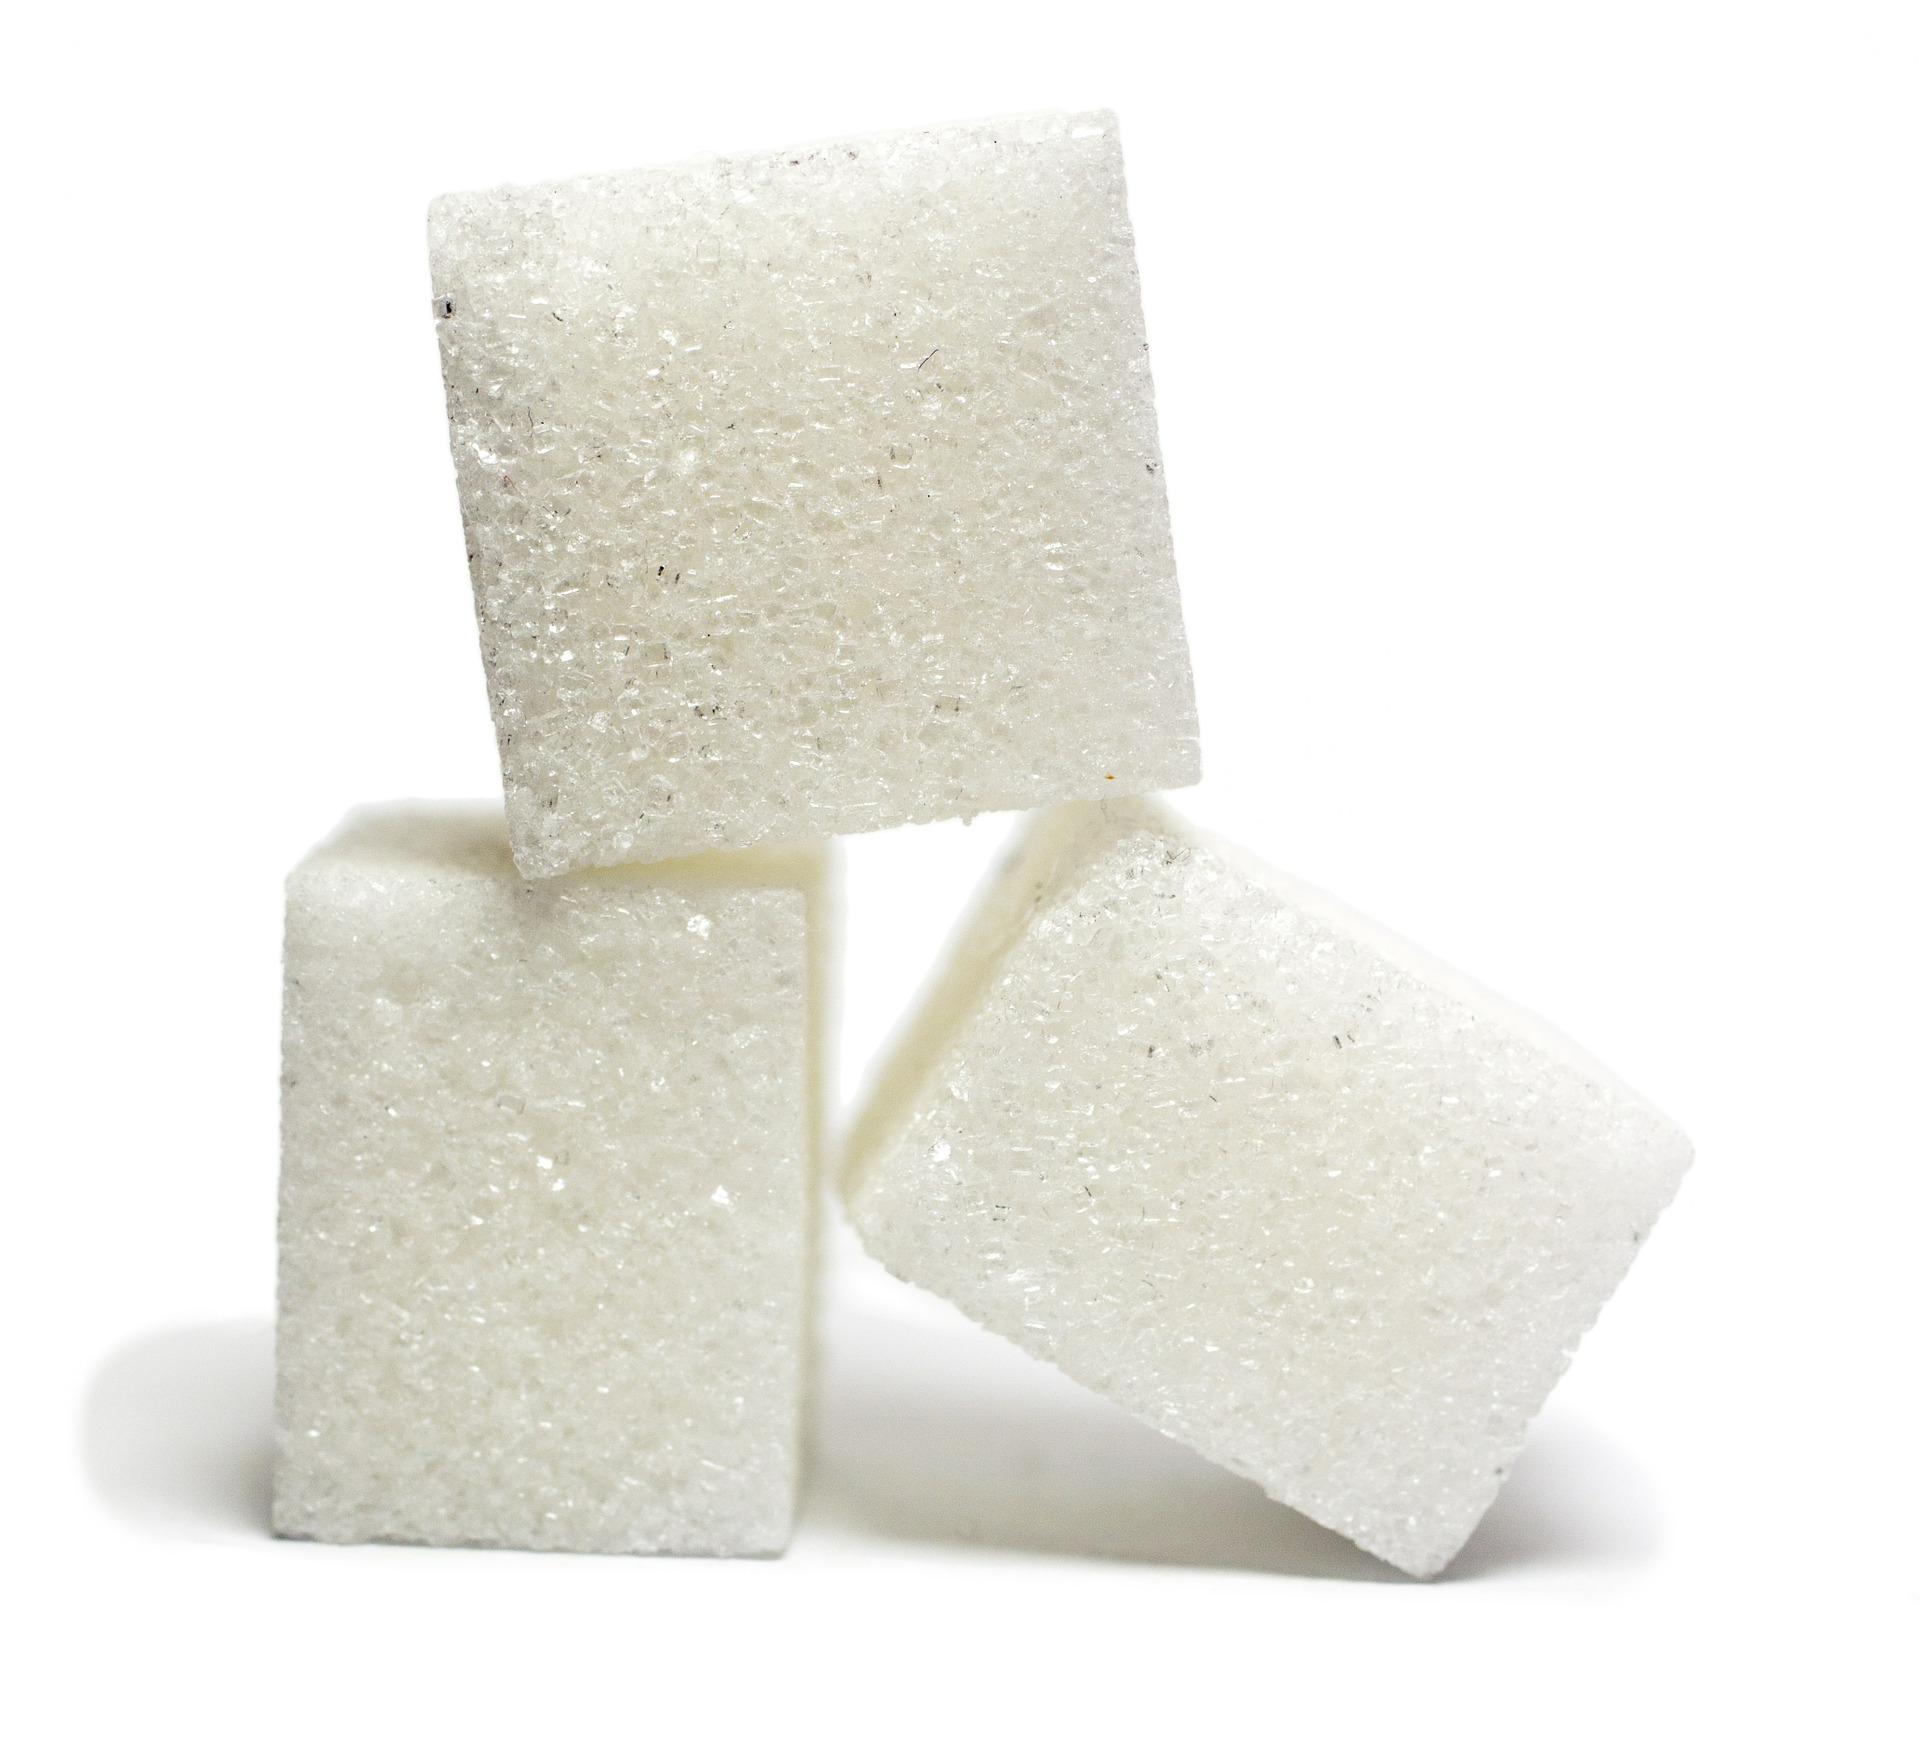 Ilość cukru w napojach gazowanych – porównanie